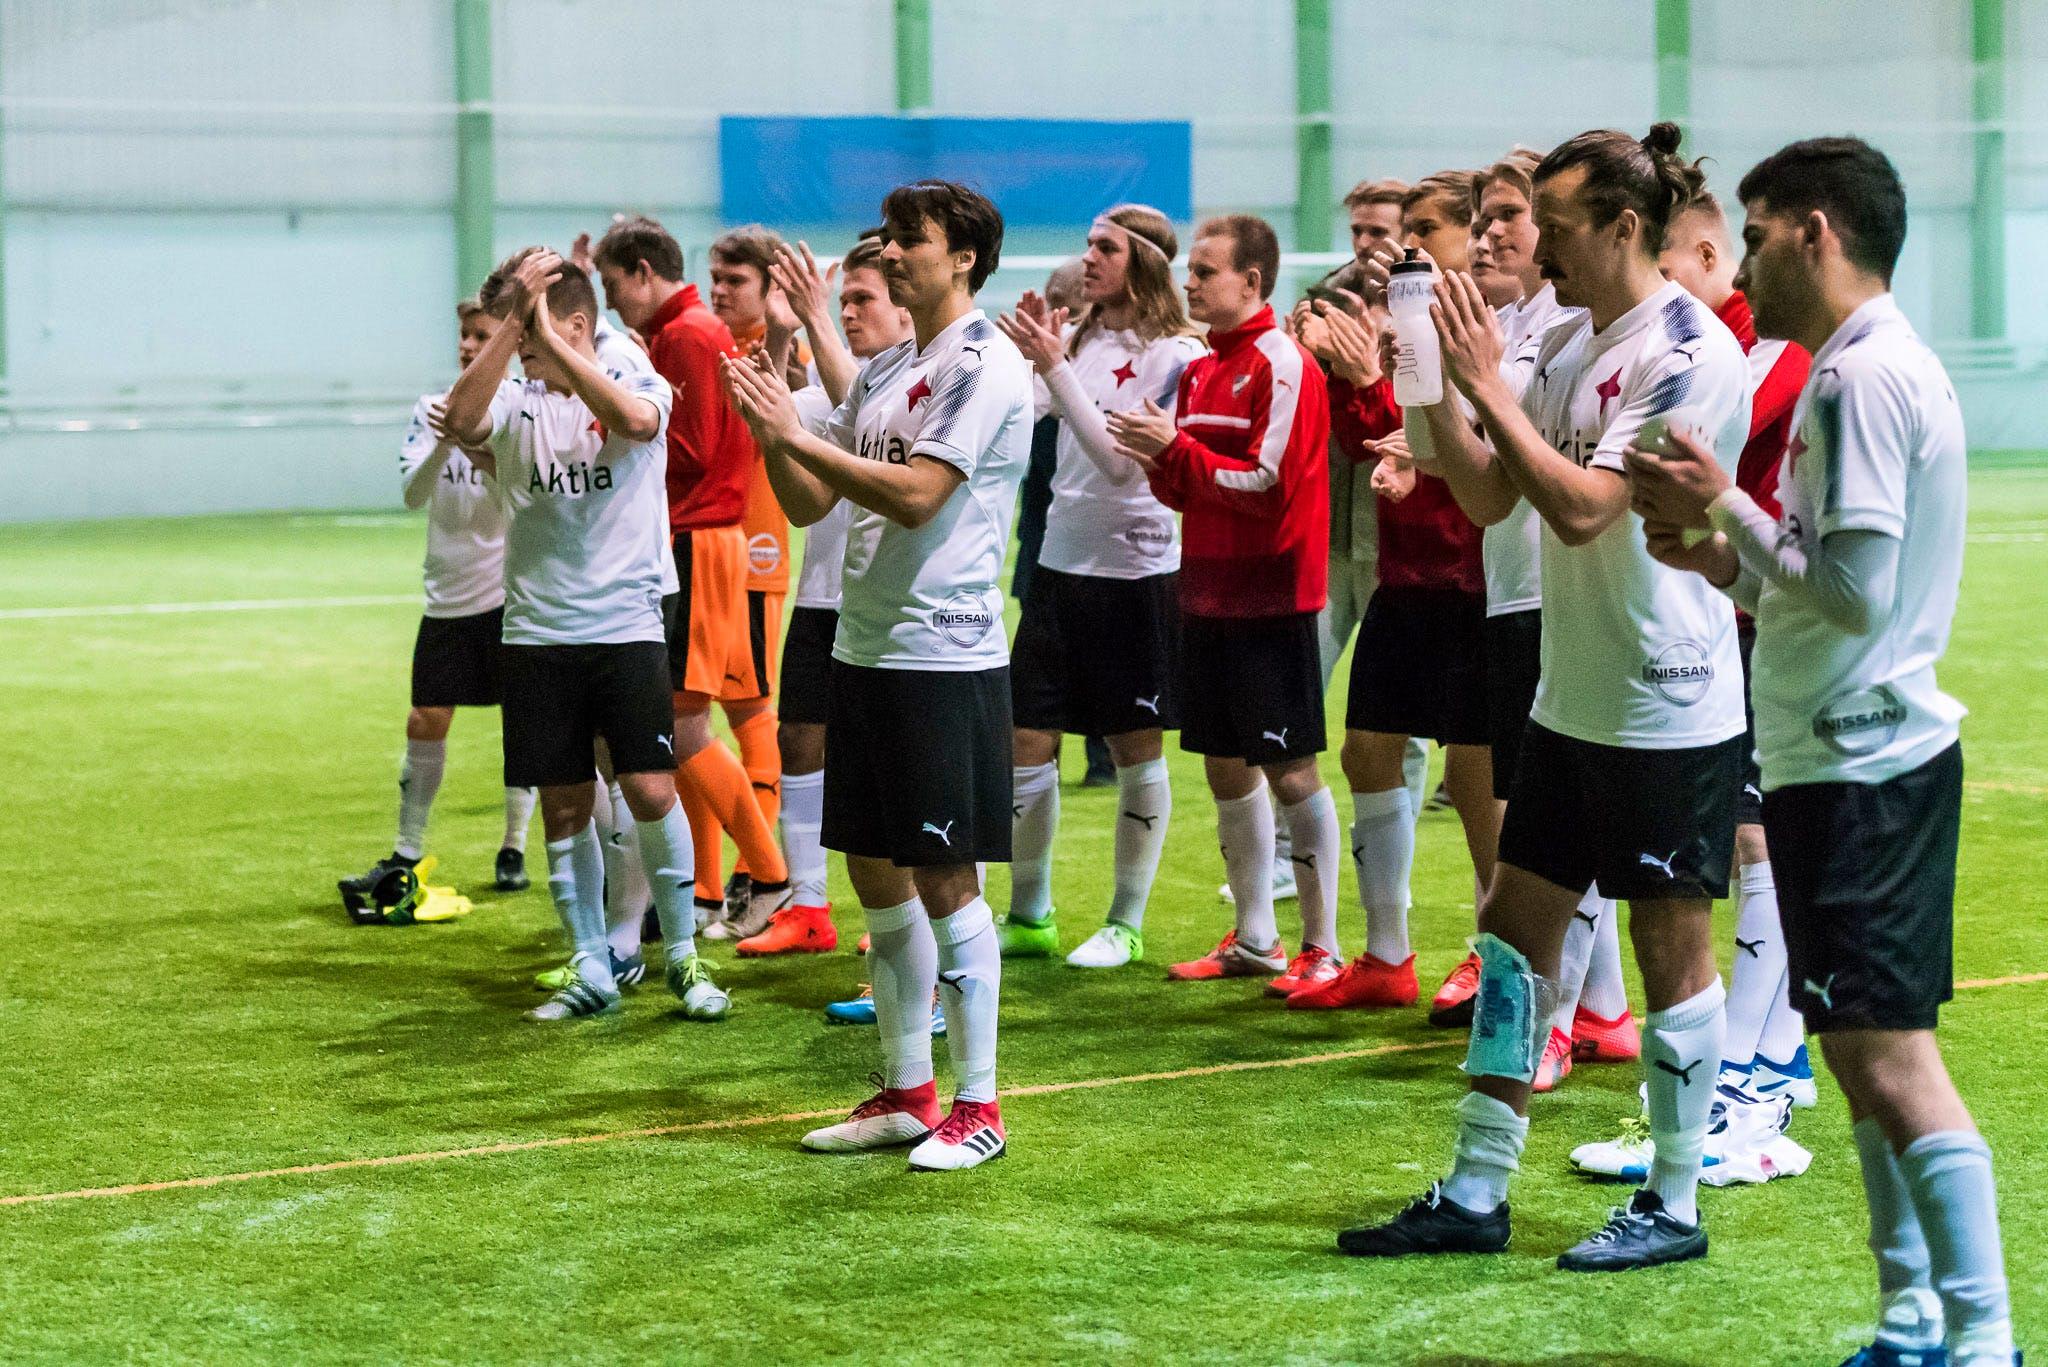 HIFK järjestää urheilutoimenjohtajan julkistamistilaisuuden